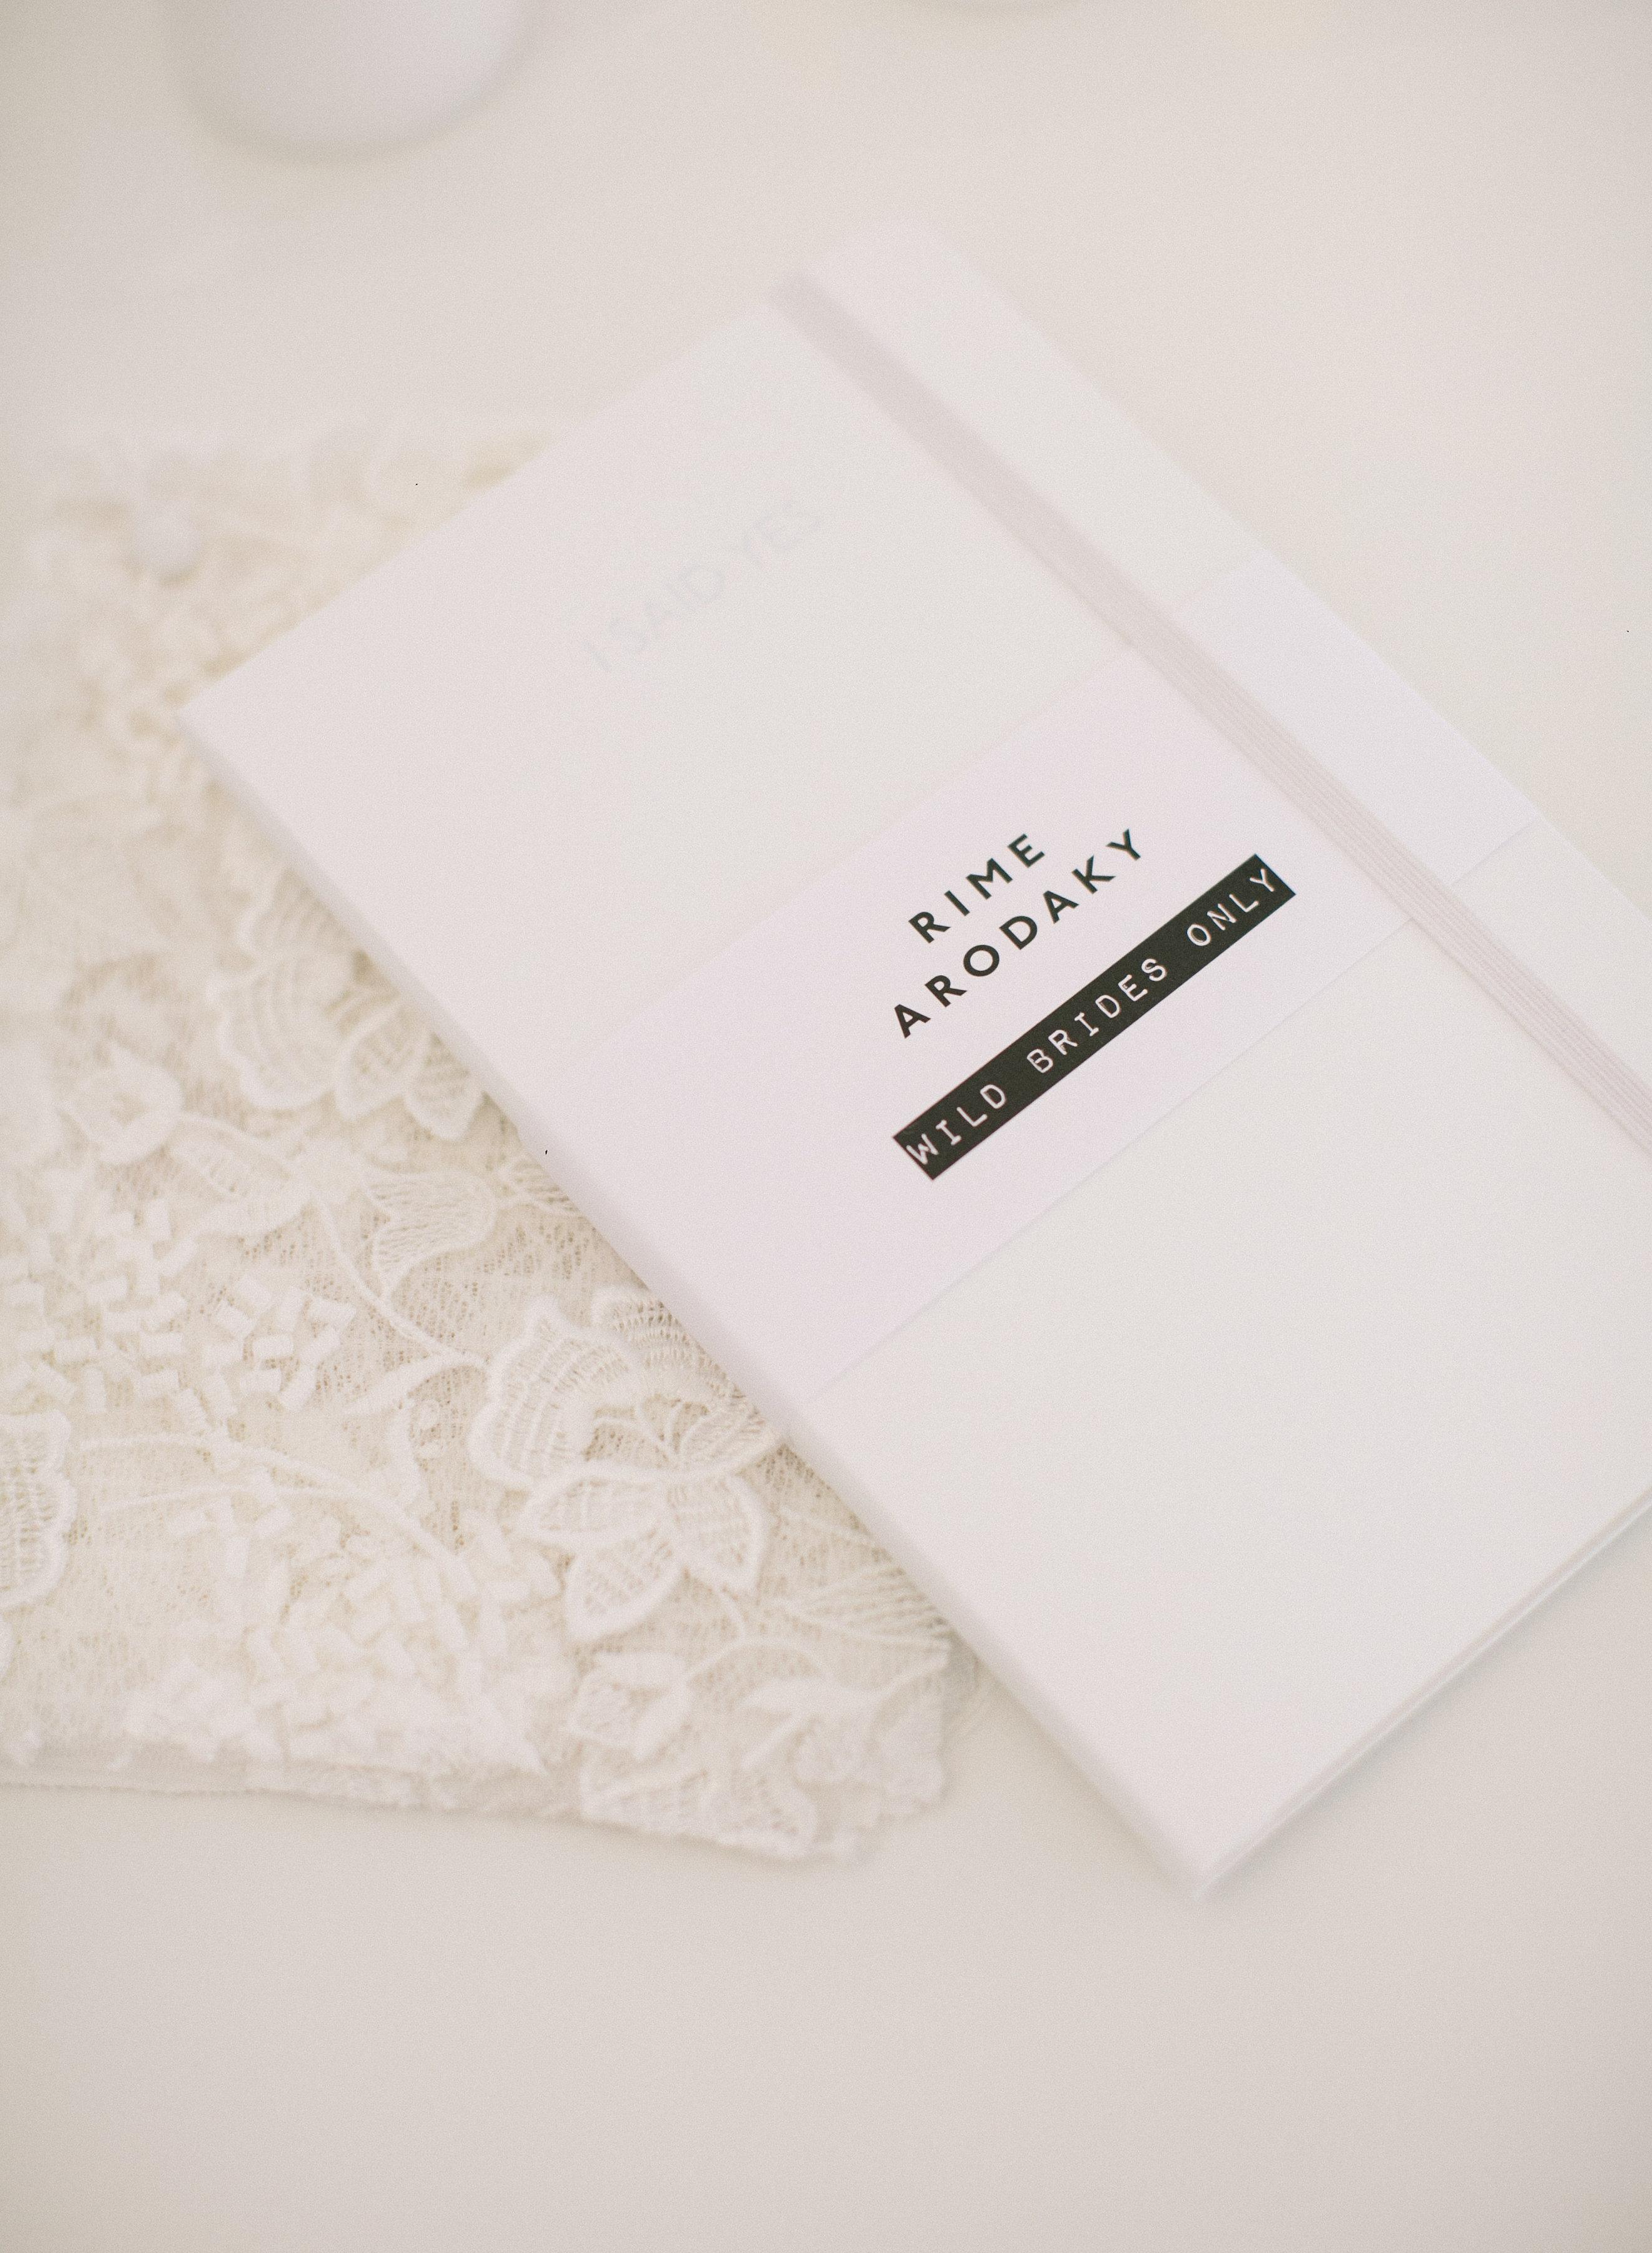 'I said yes' Moleskine notebook